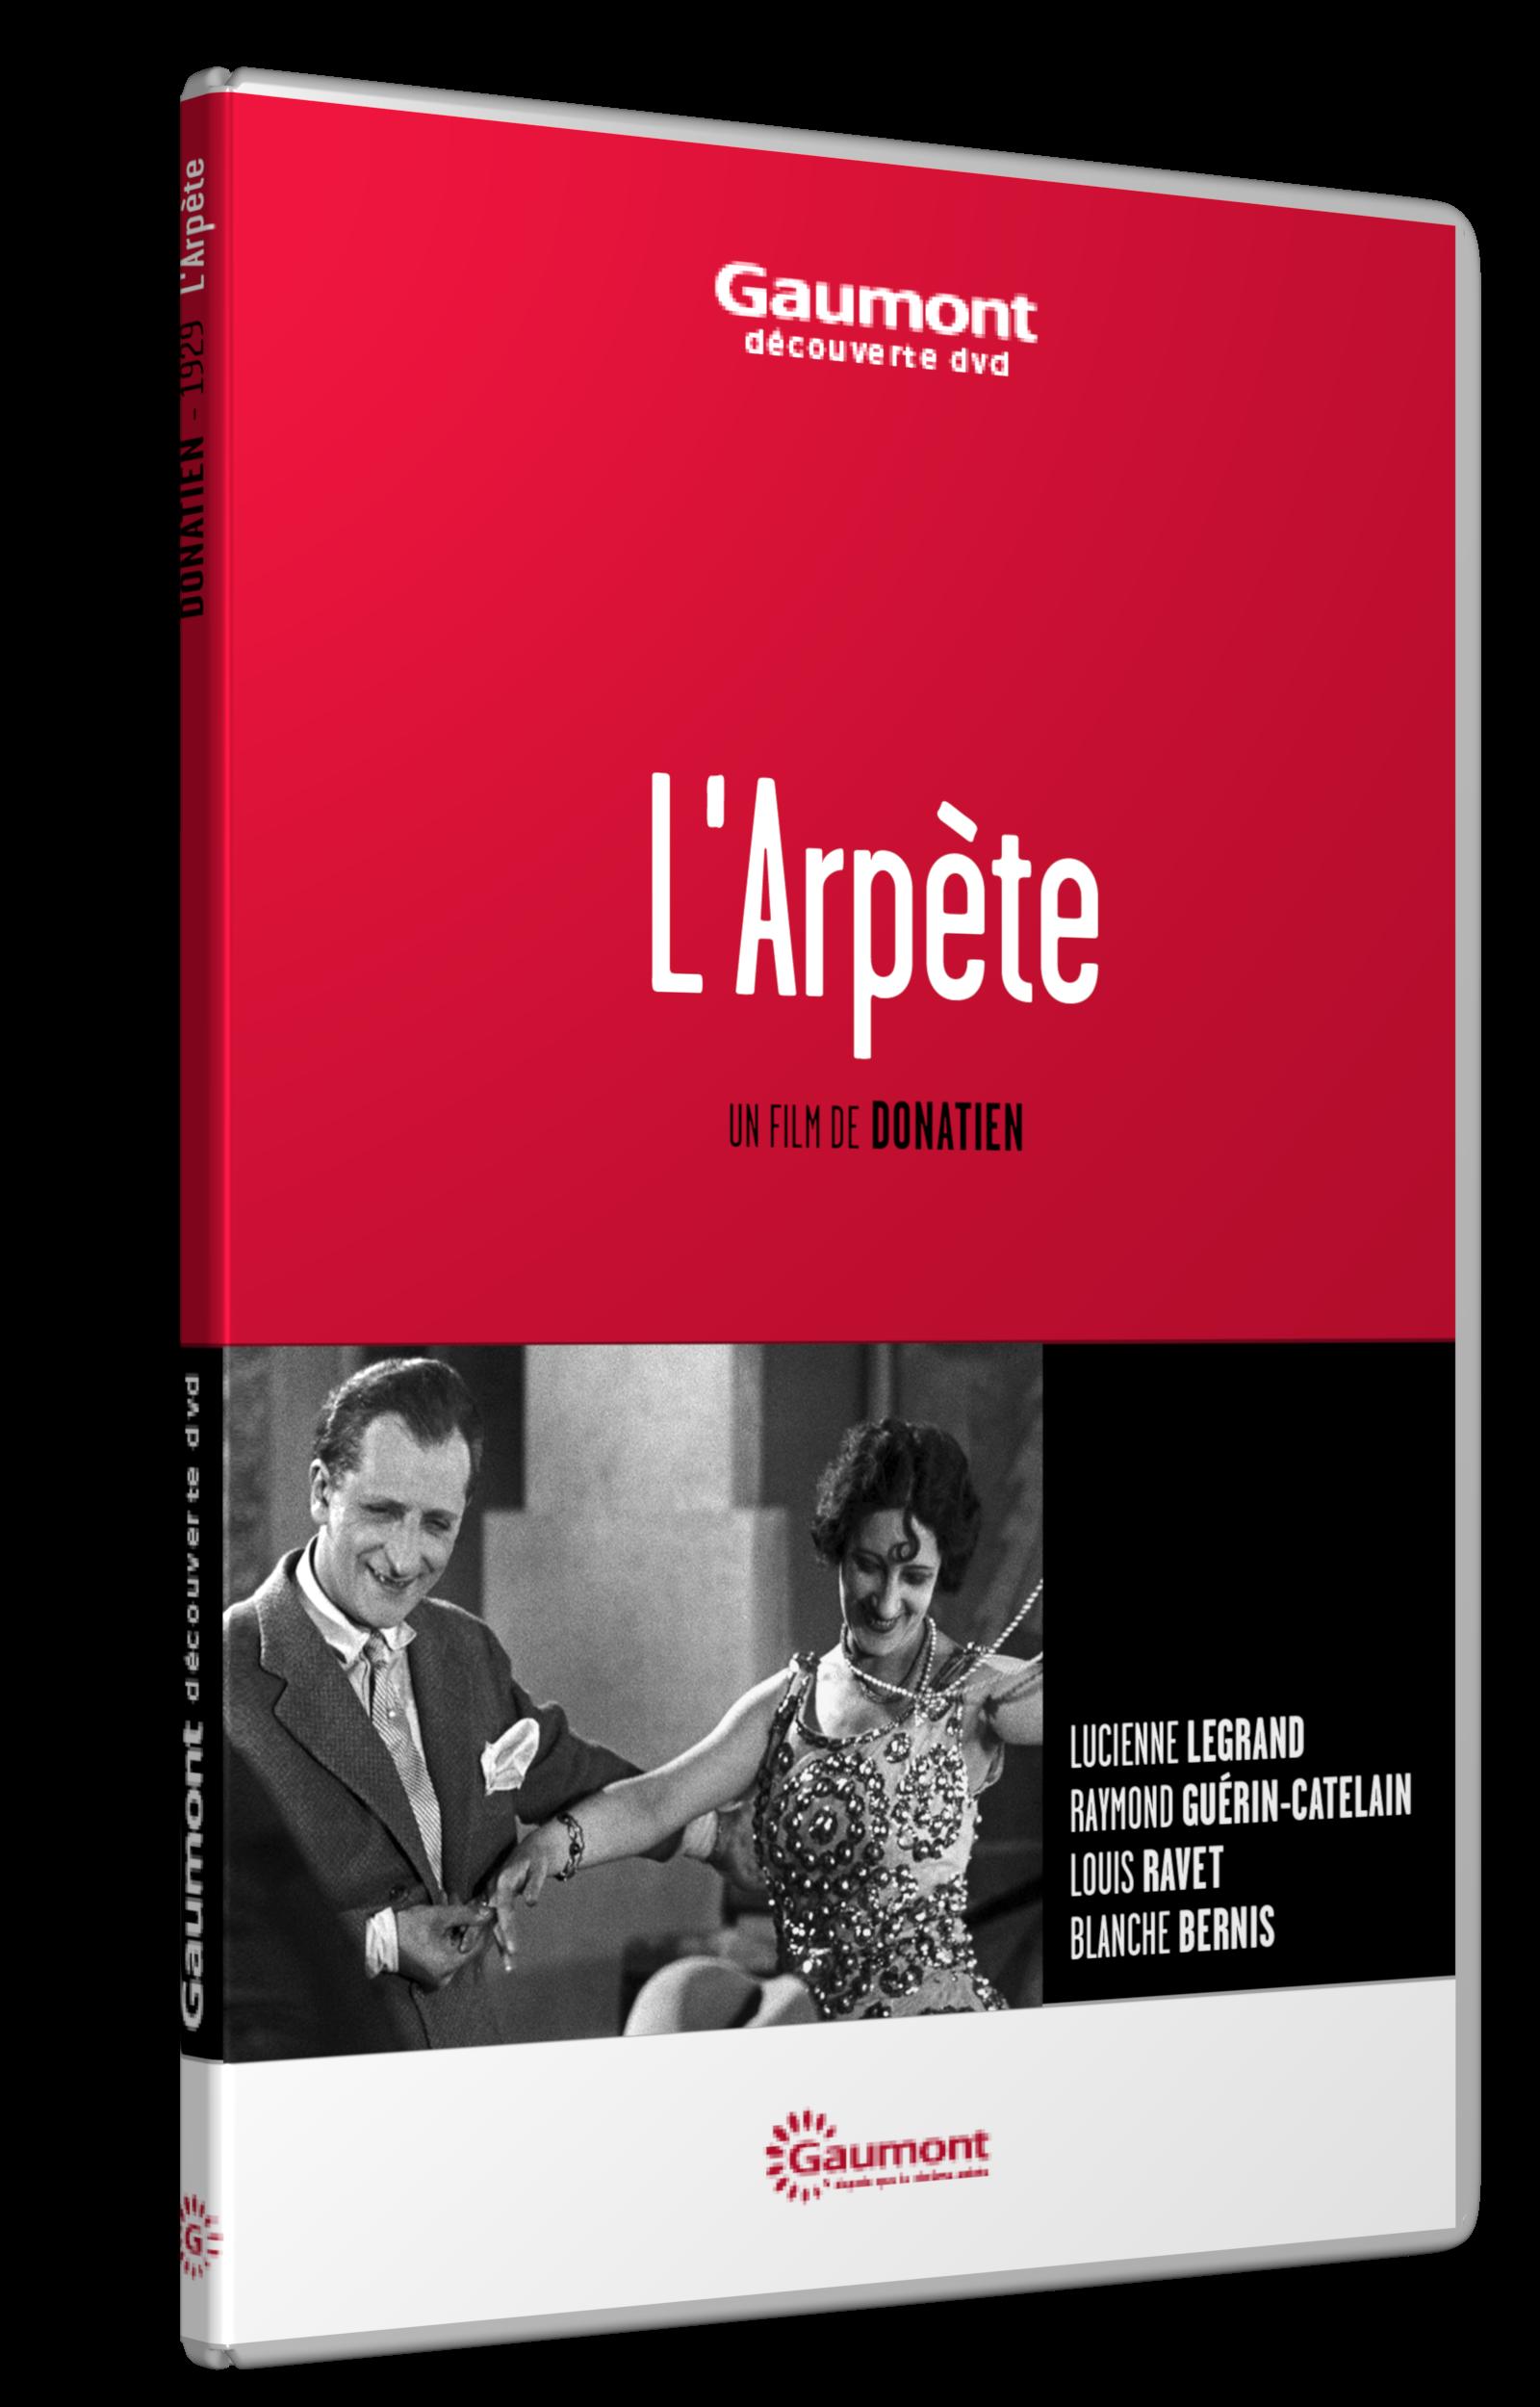 L'ARPETE